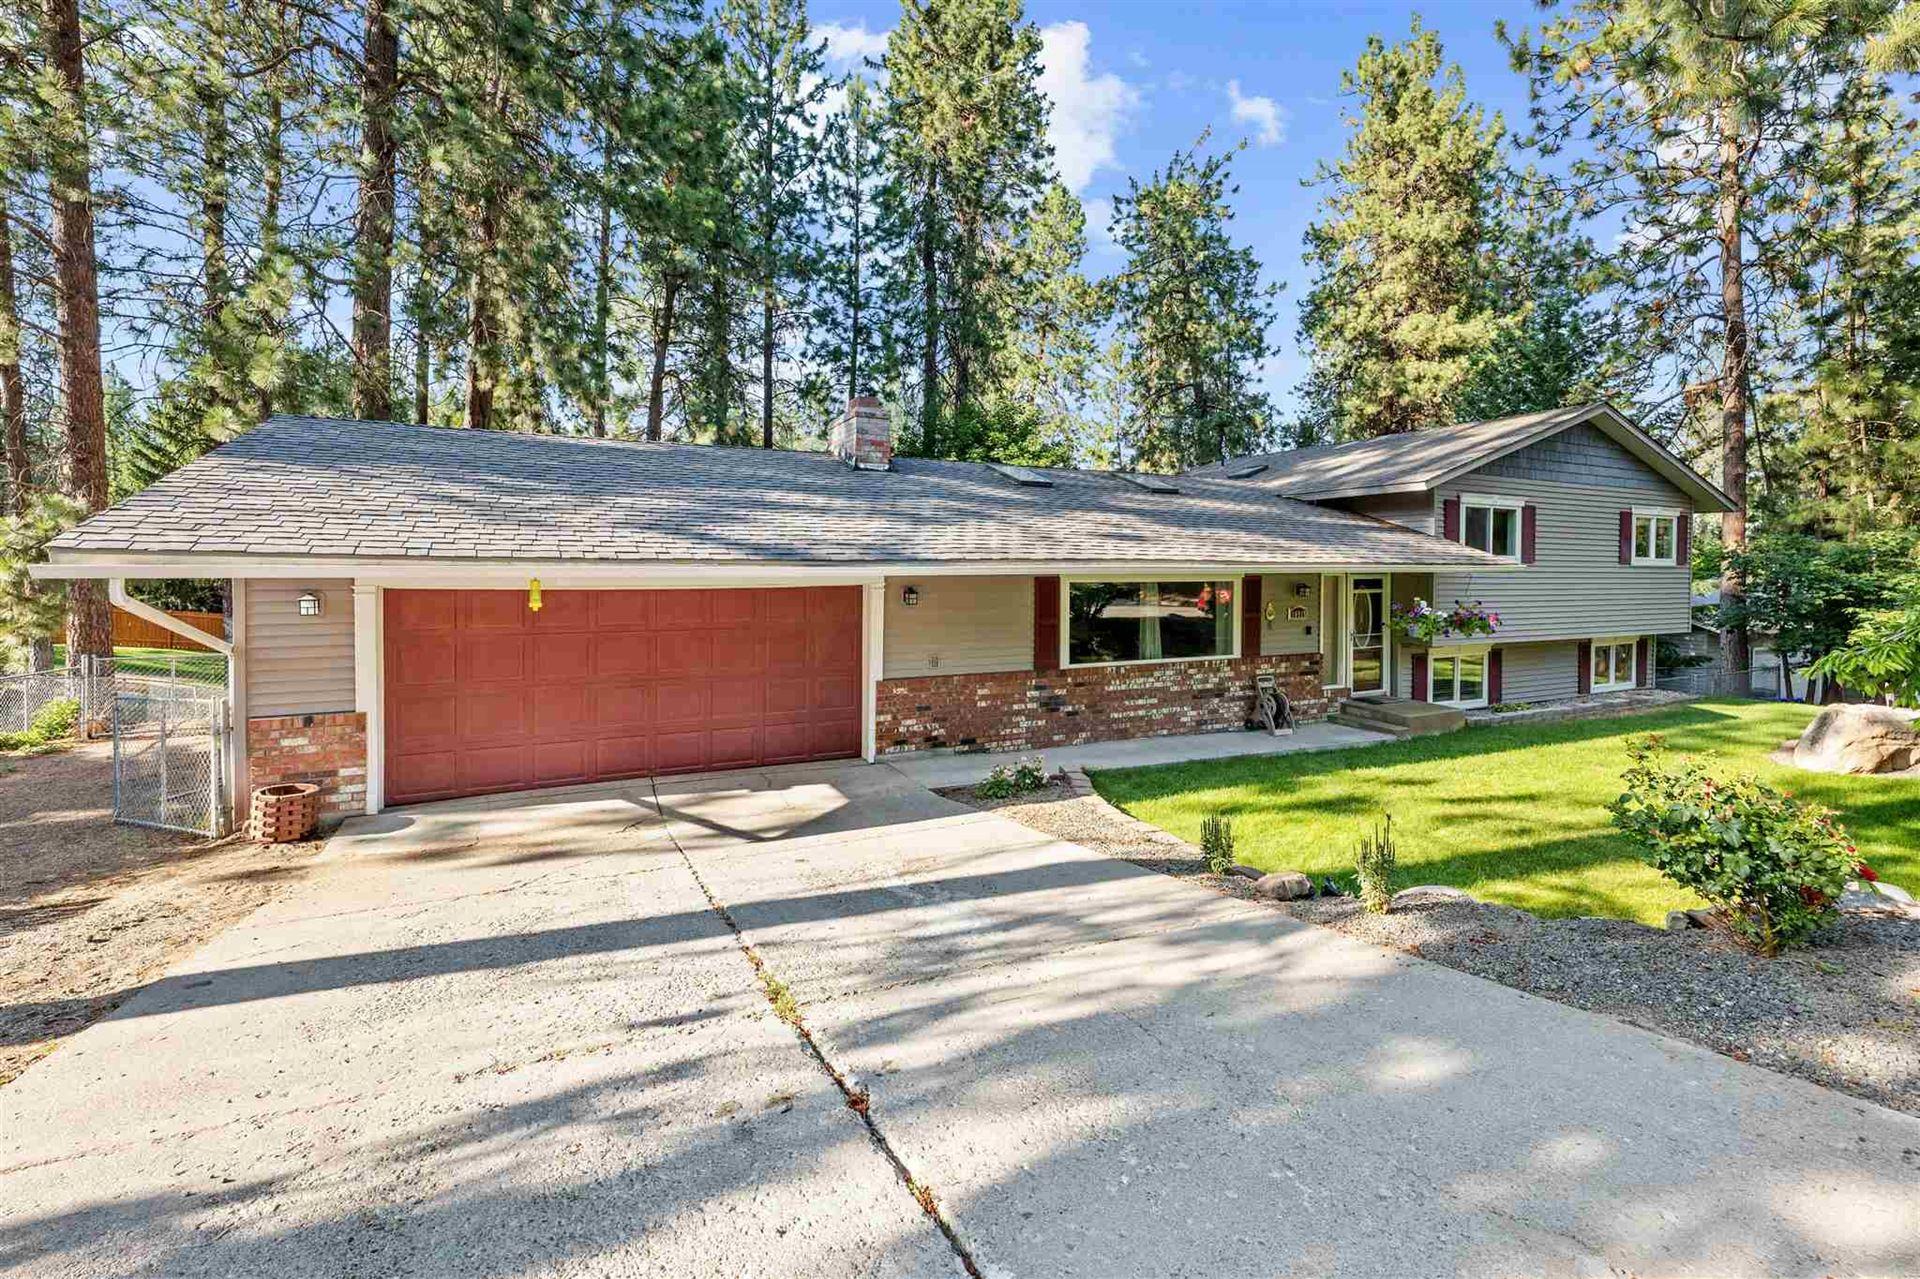 10915 E 44 TH Ave, Spokane Valley, WA 99206-9412 - #: 202118968